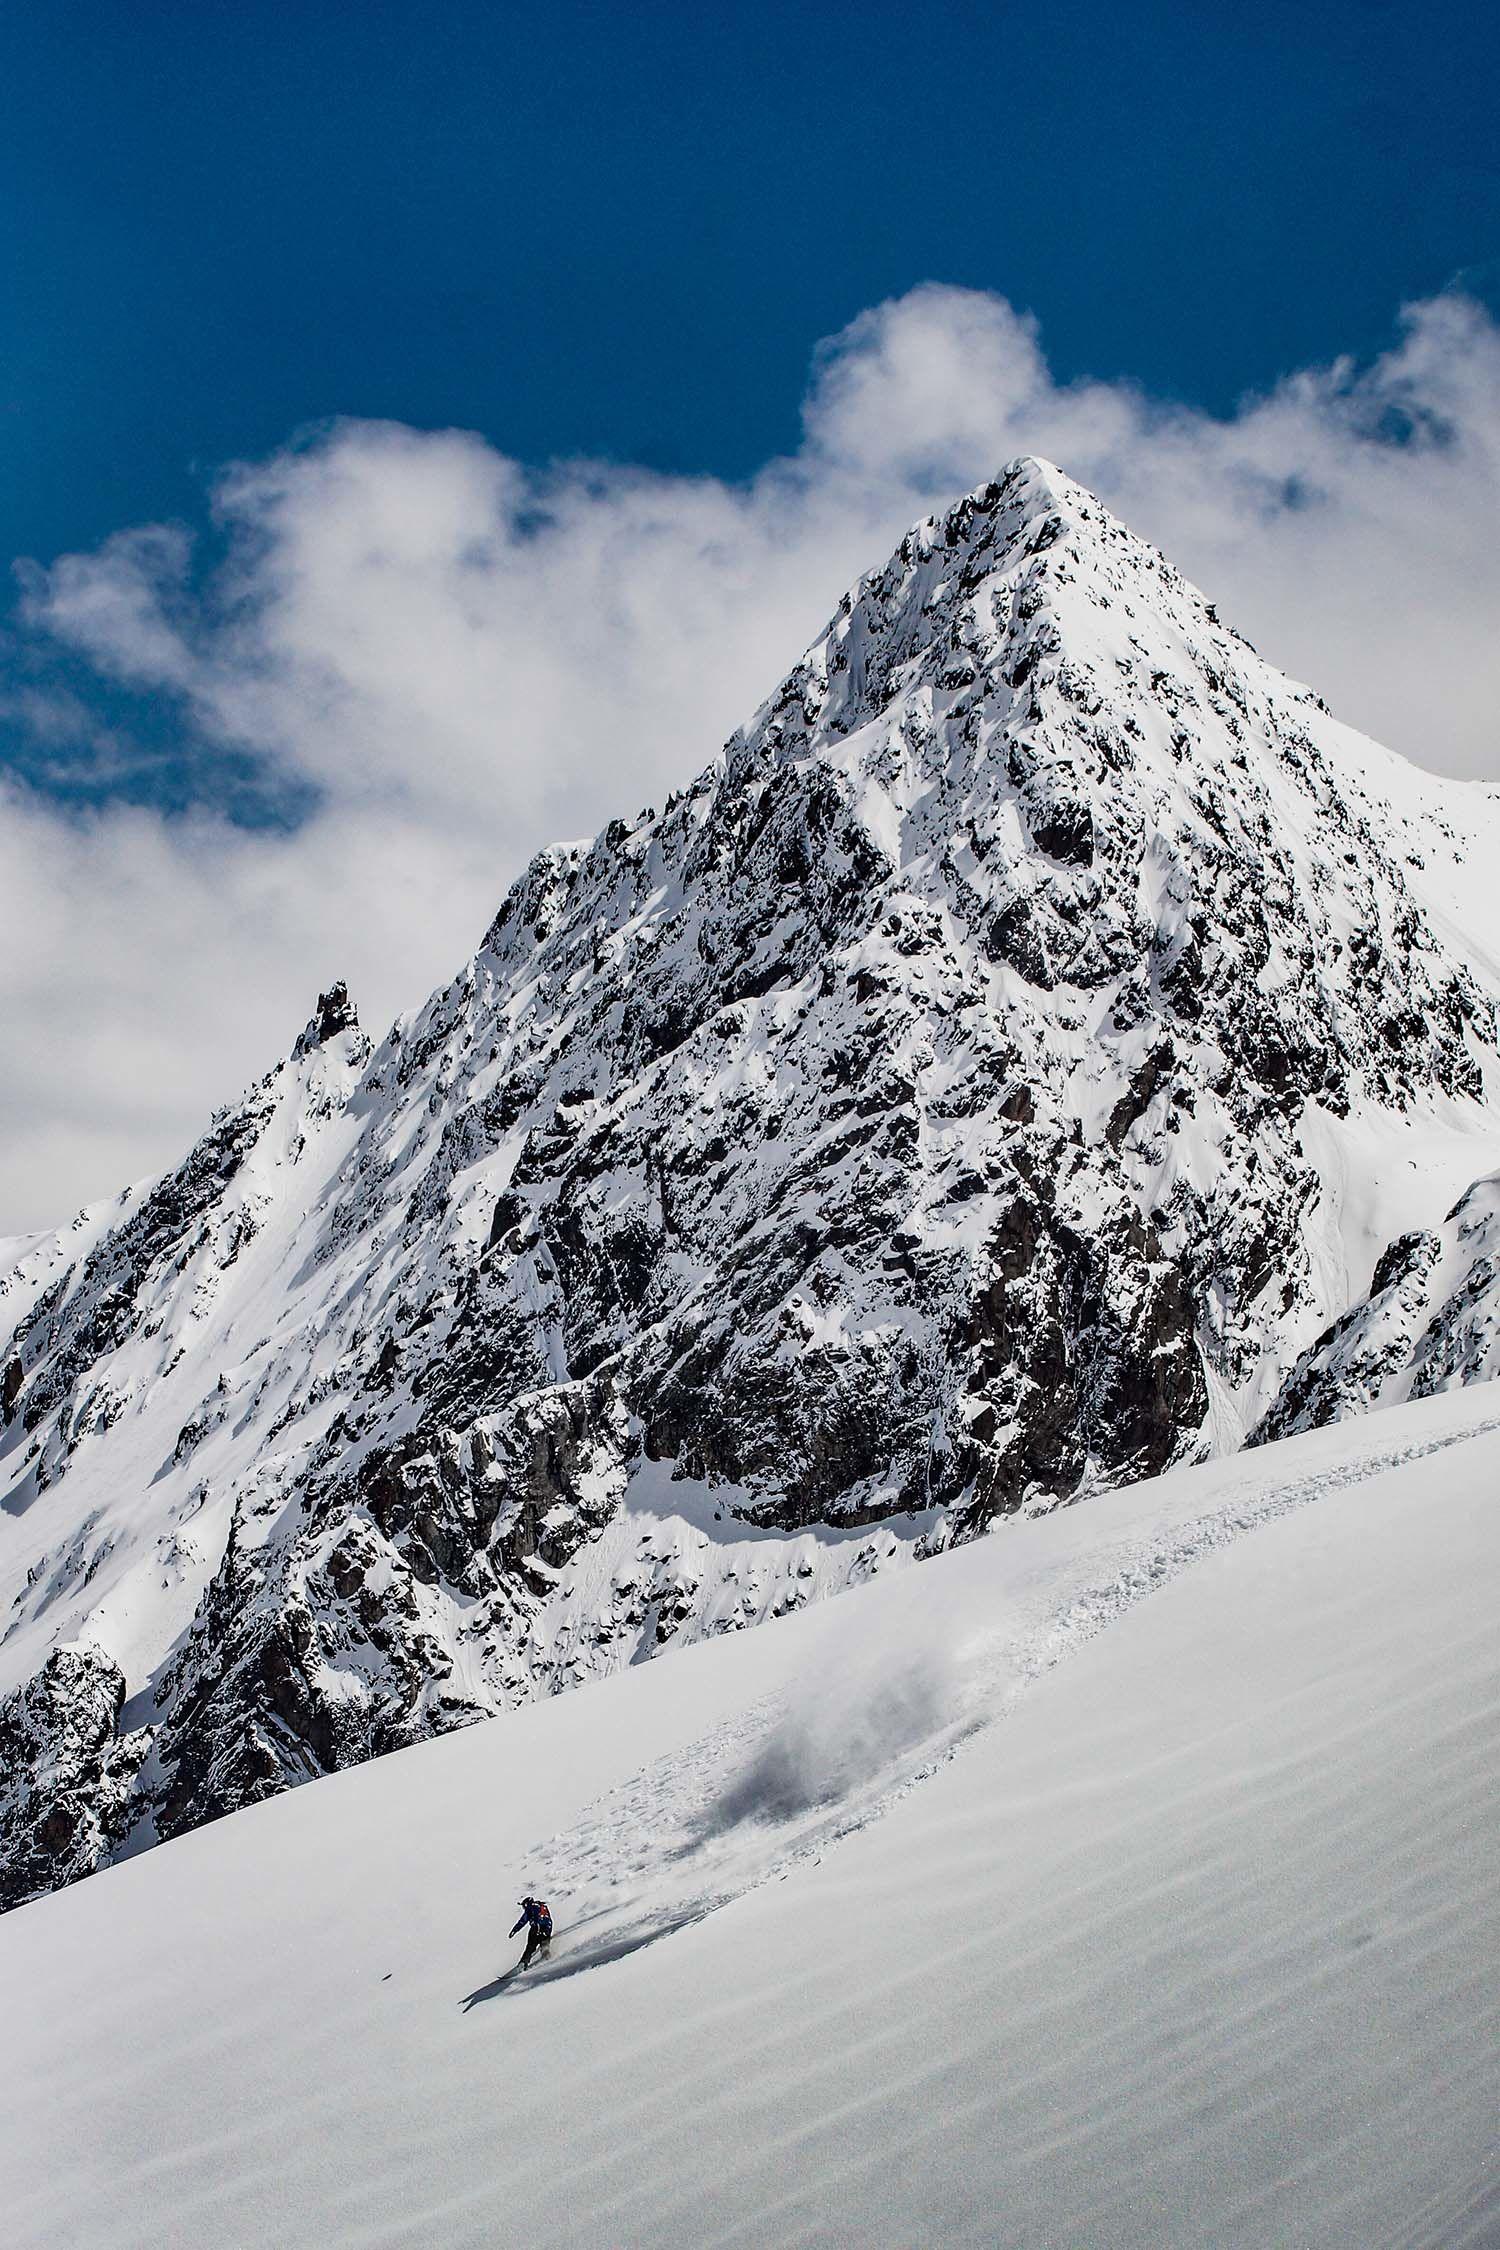 19 фото, которые настроят на предстоящую зиму: Sony World Photography Awards выбрали лучших